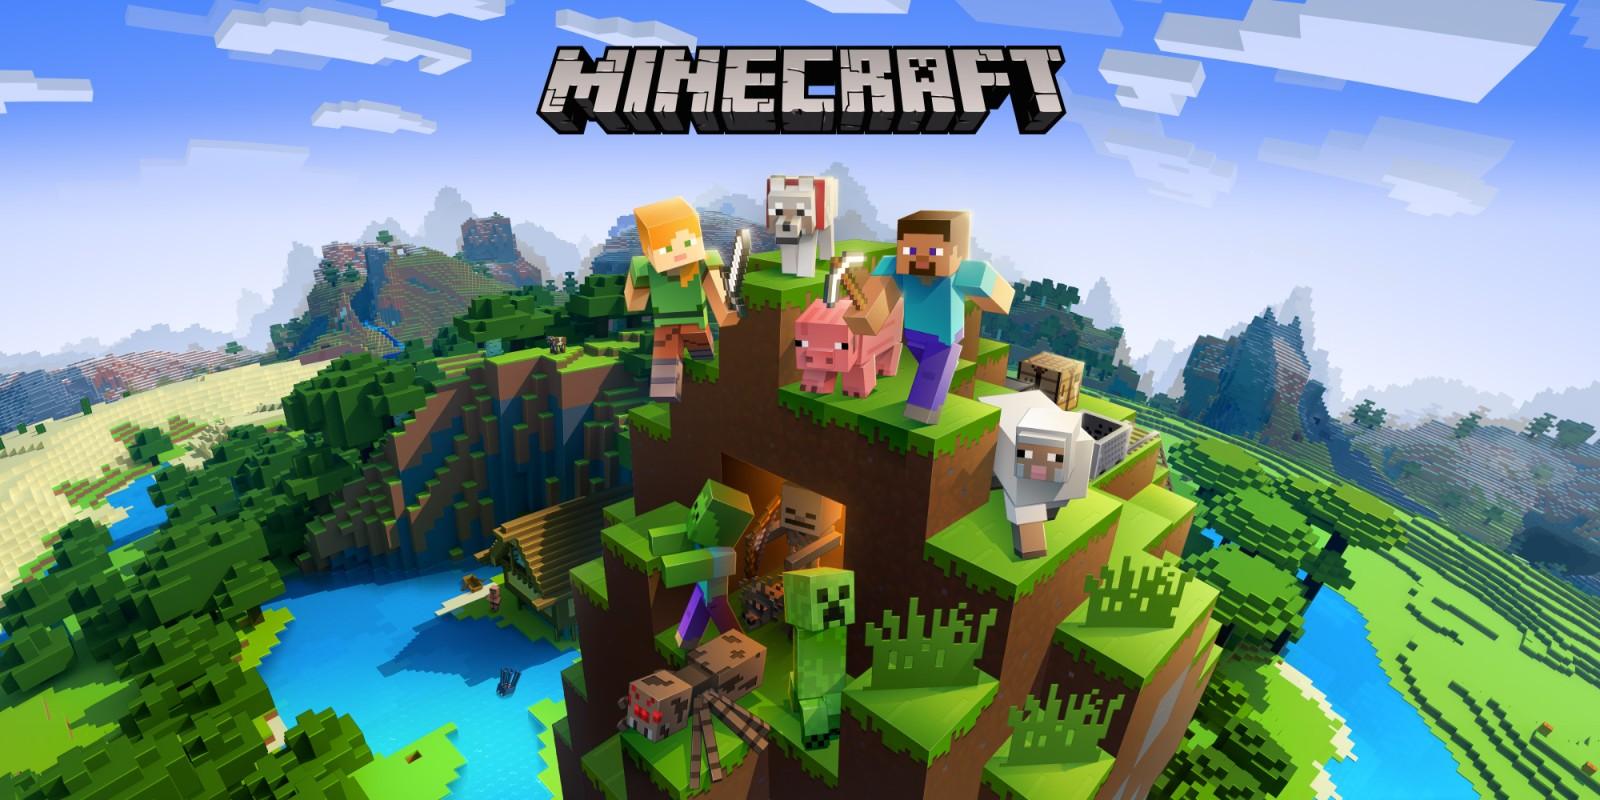 Portada oficial de Minecraft con todos los personajes